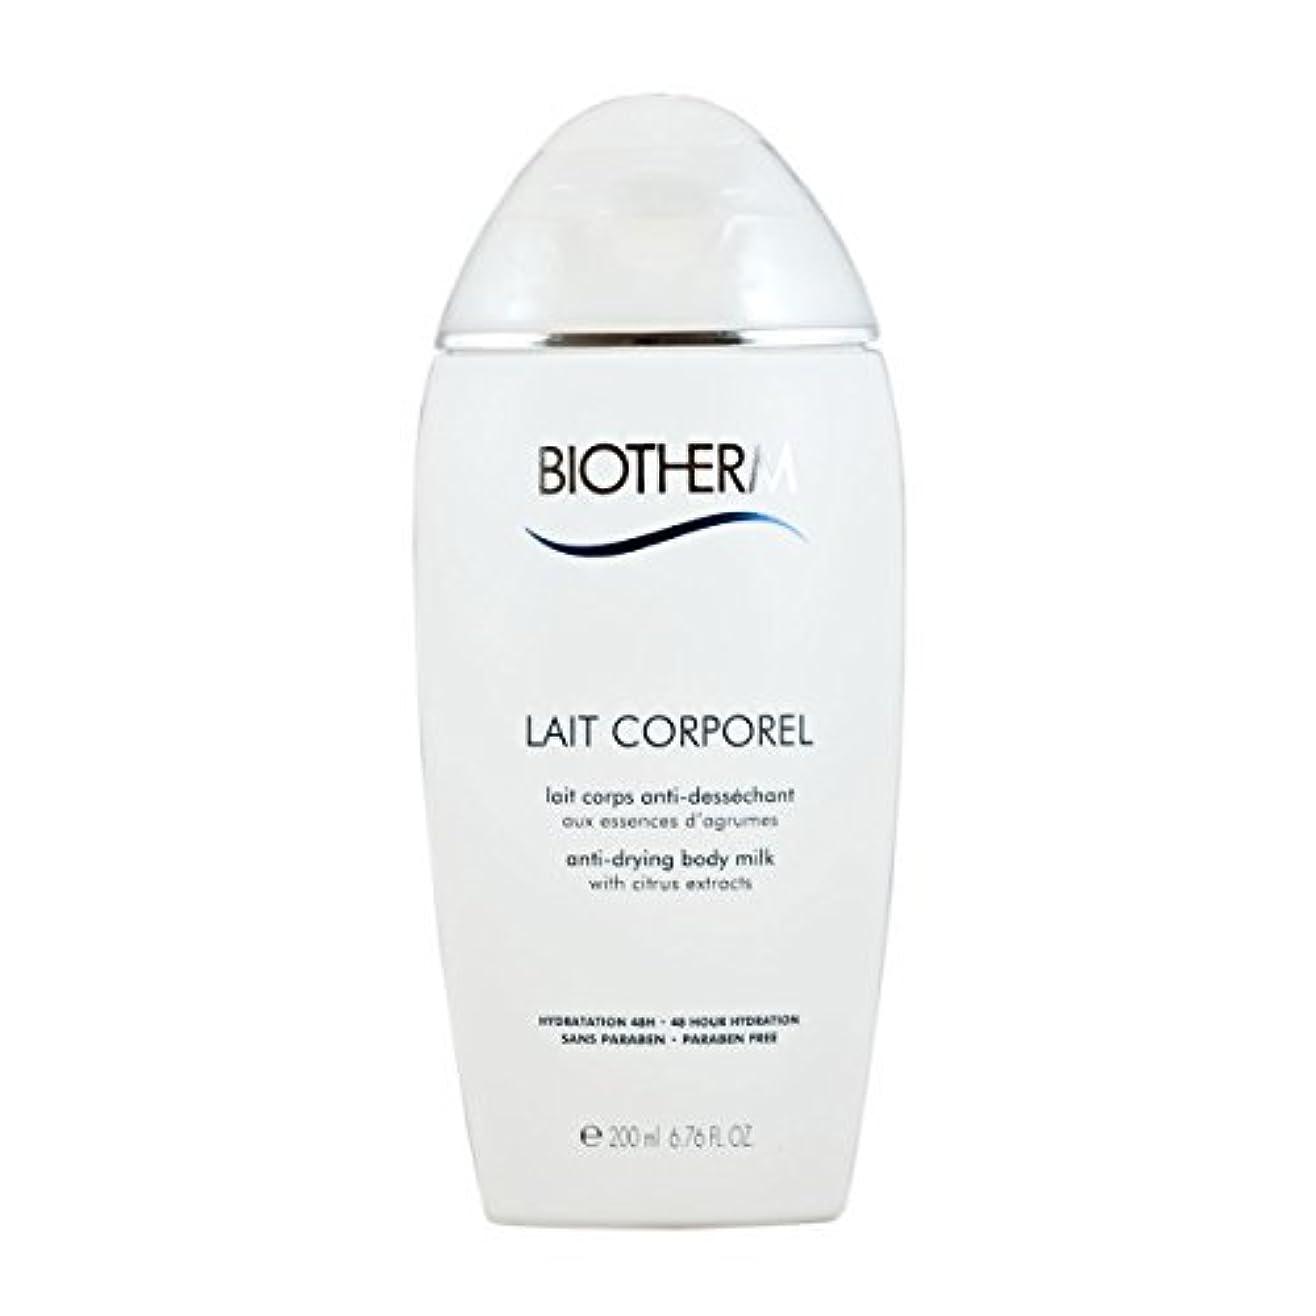 捧げる居眠りする蒸発Biotherm Lait Corporel Anti-Drying Body Milk 6.76 Ounce [並行輸入品]